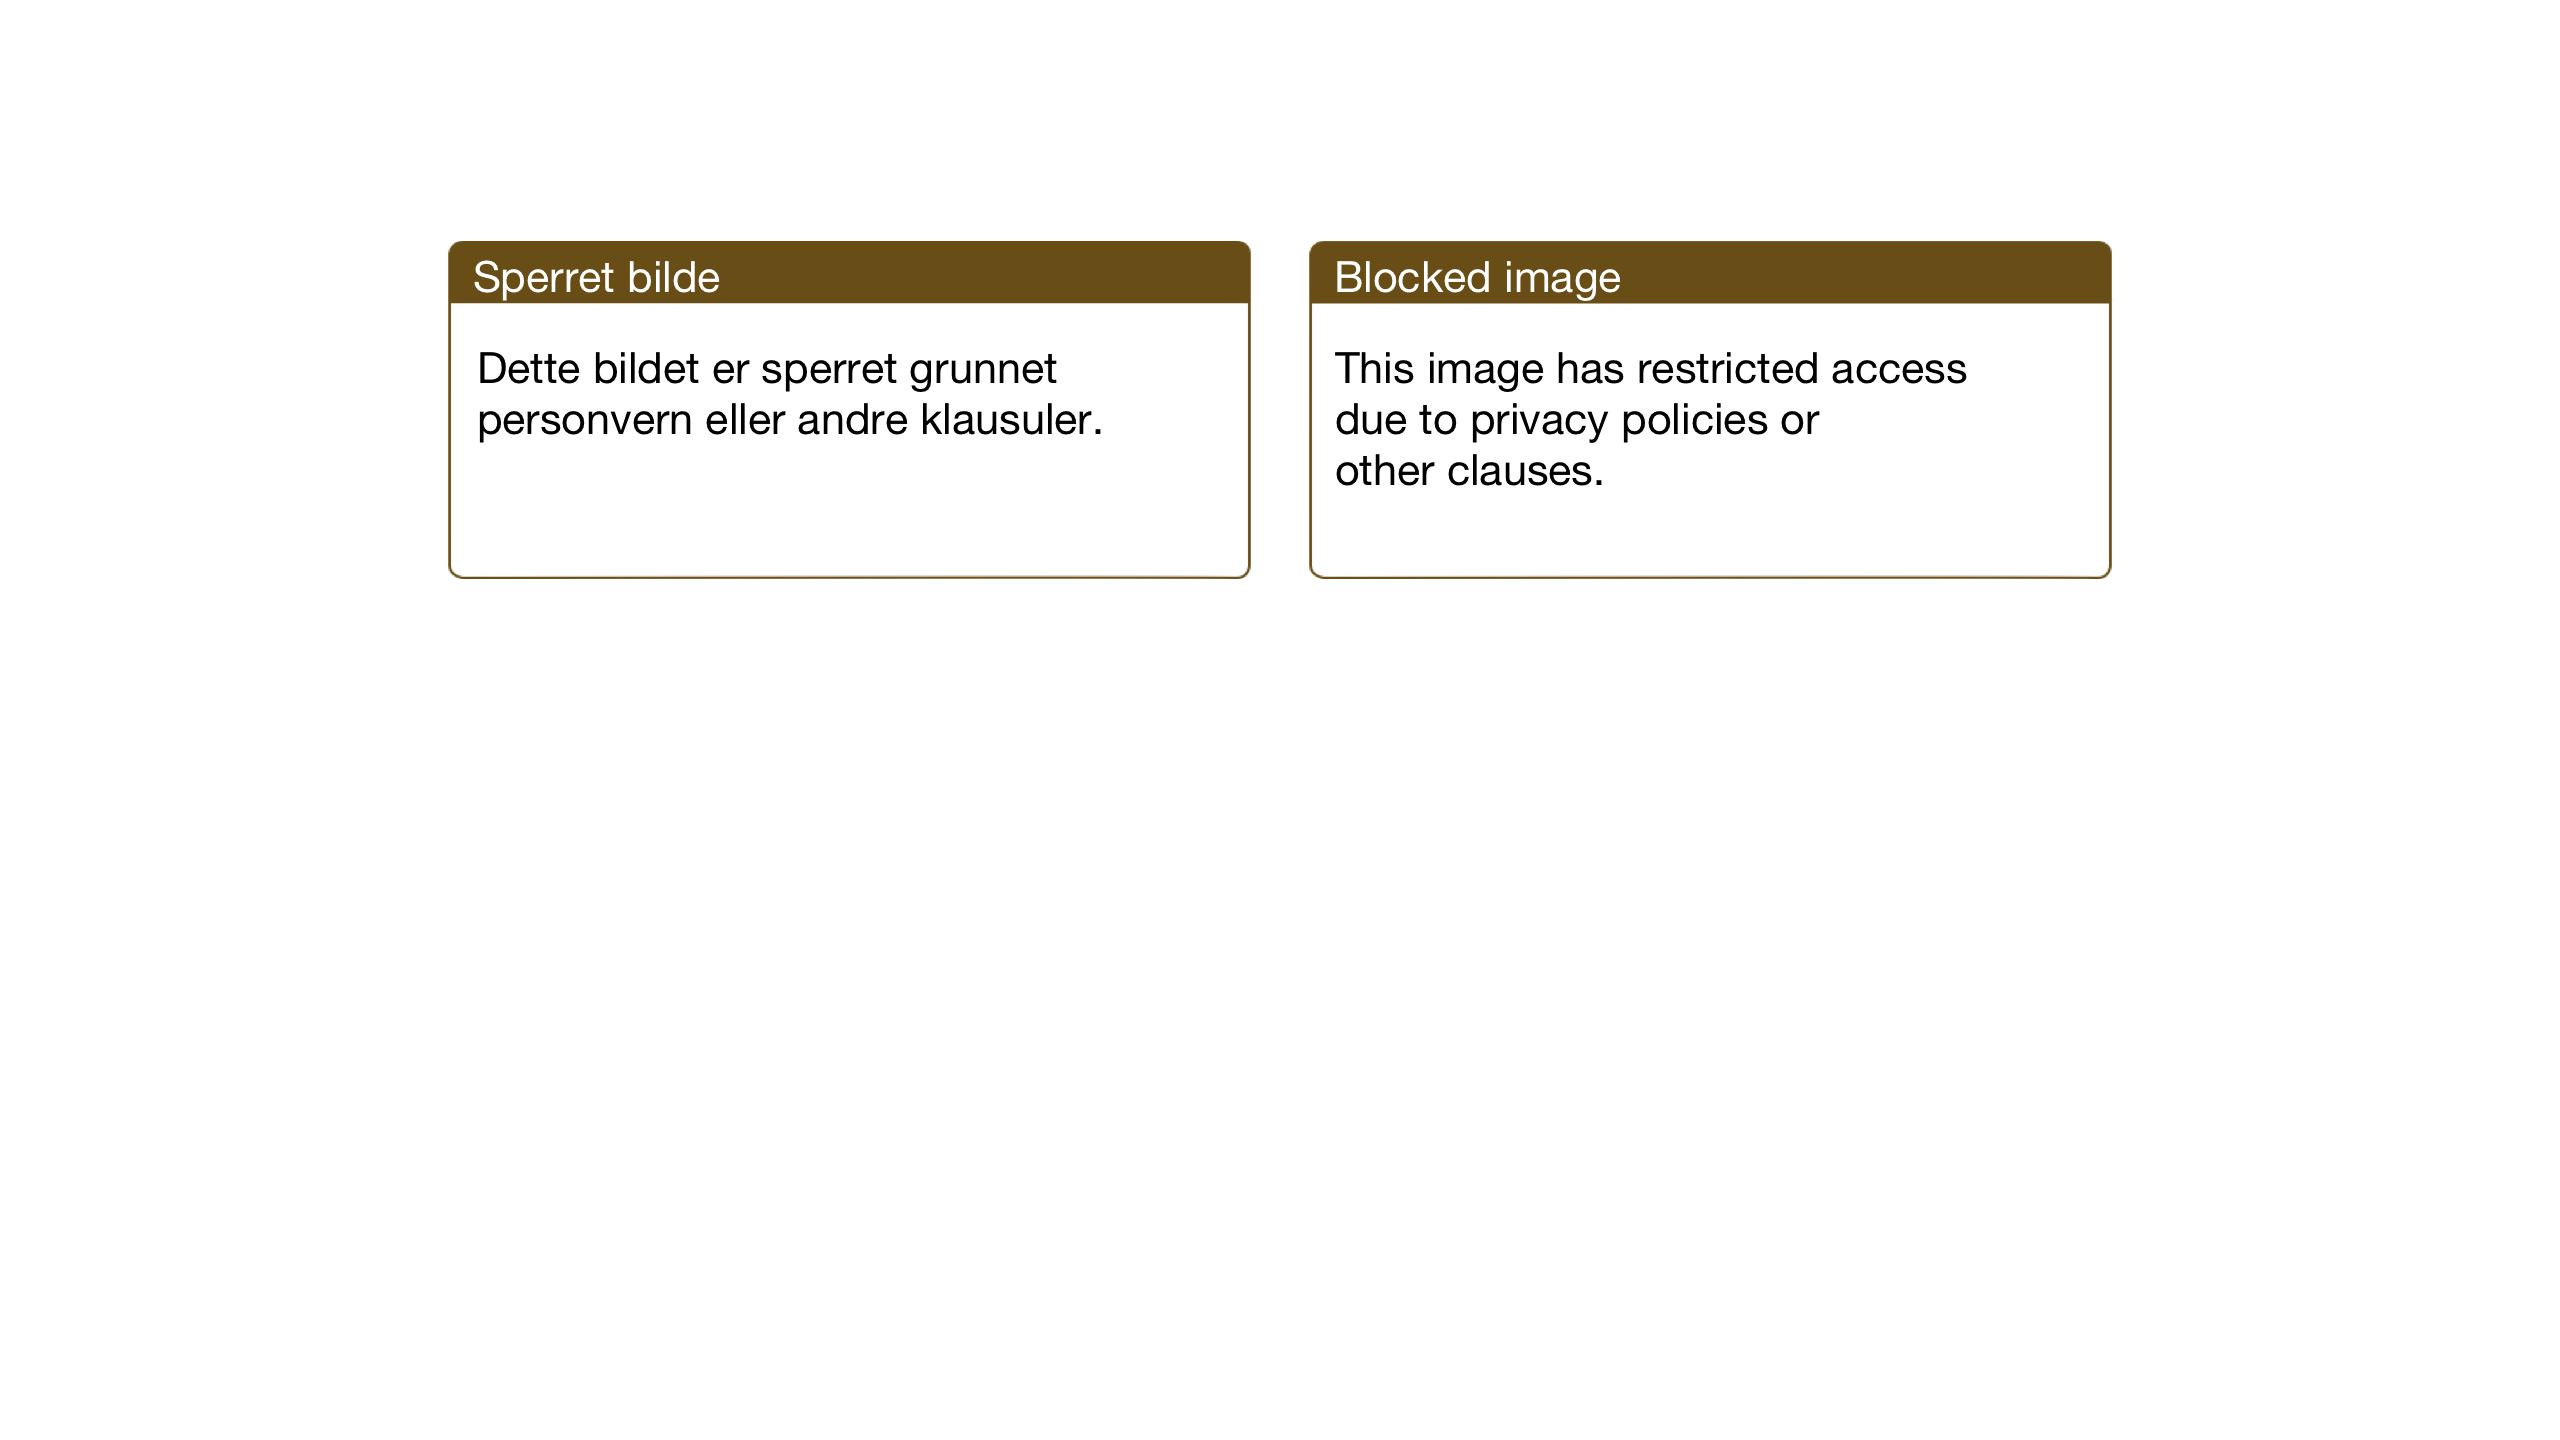 SAT, Ministerialprotokoller, klokkerbøker og fødselsregistre - Sør-Trøndelag, 667/L0799: Klokkerbok nr. 667C04, 1929-1950, s. 81